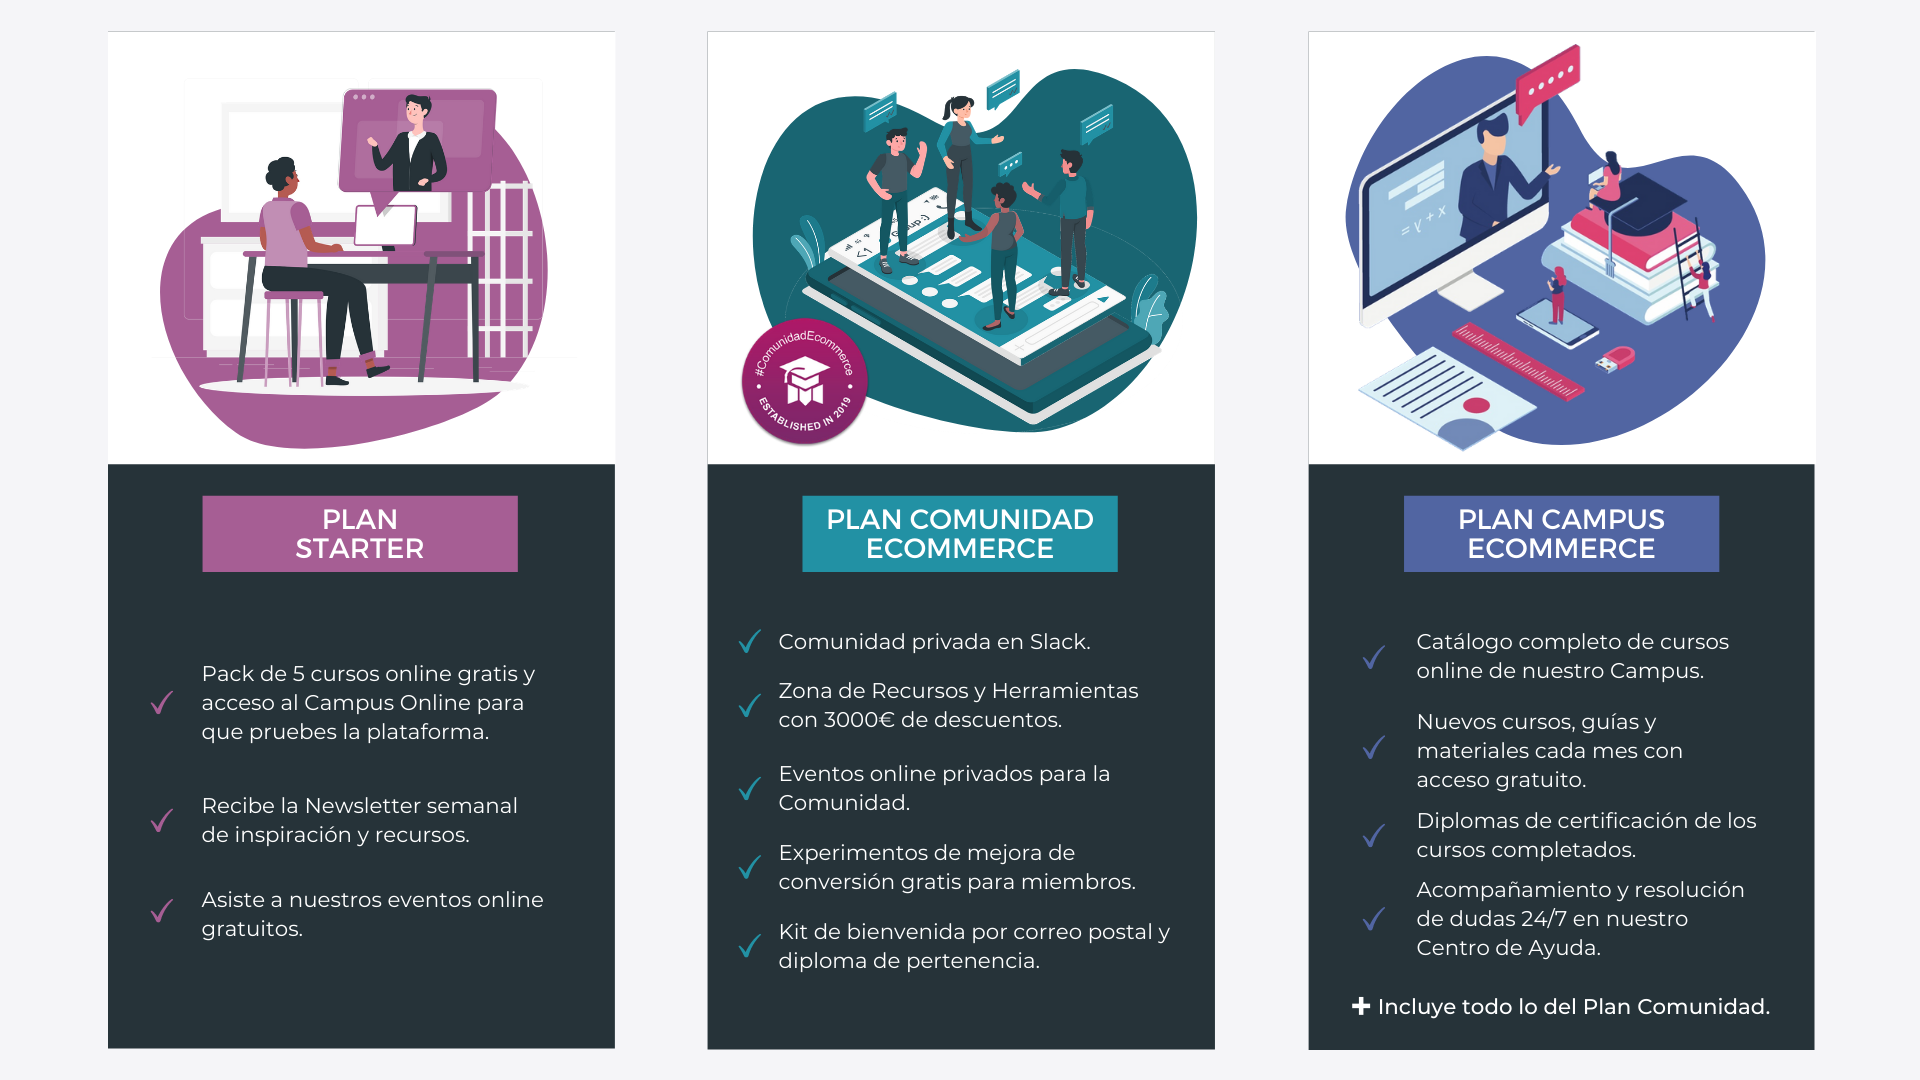 Planes de acceso a Universidad Ecommerce